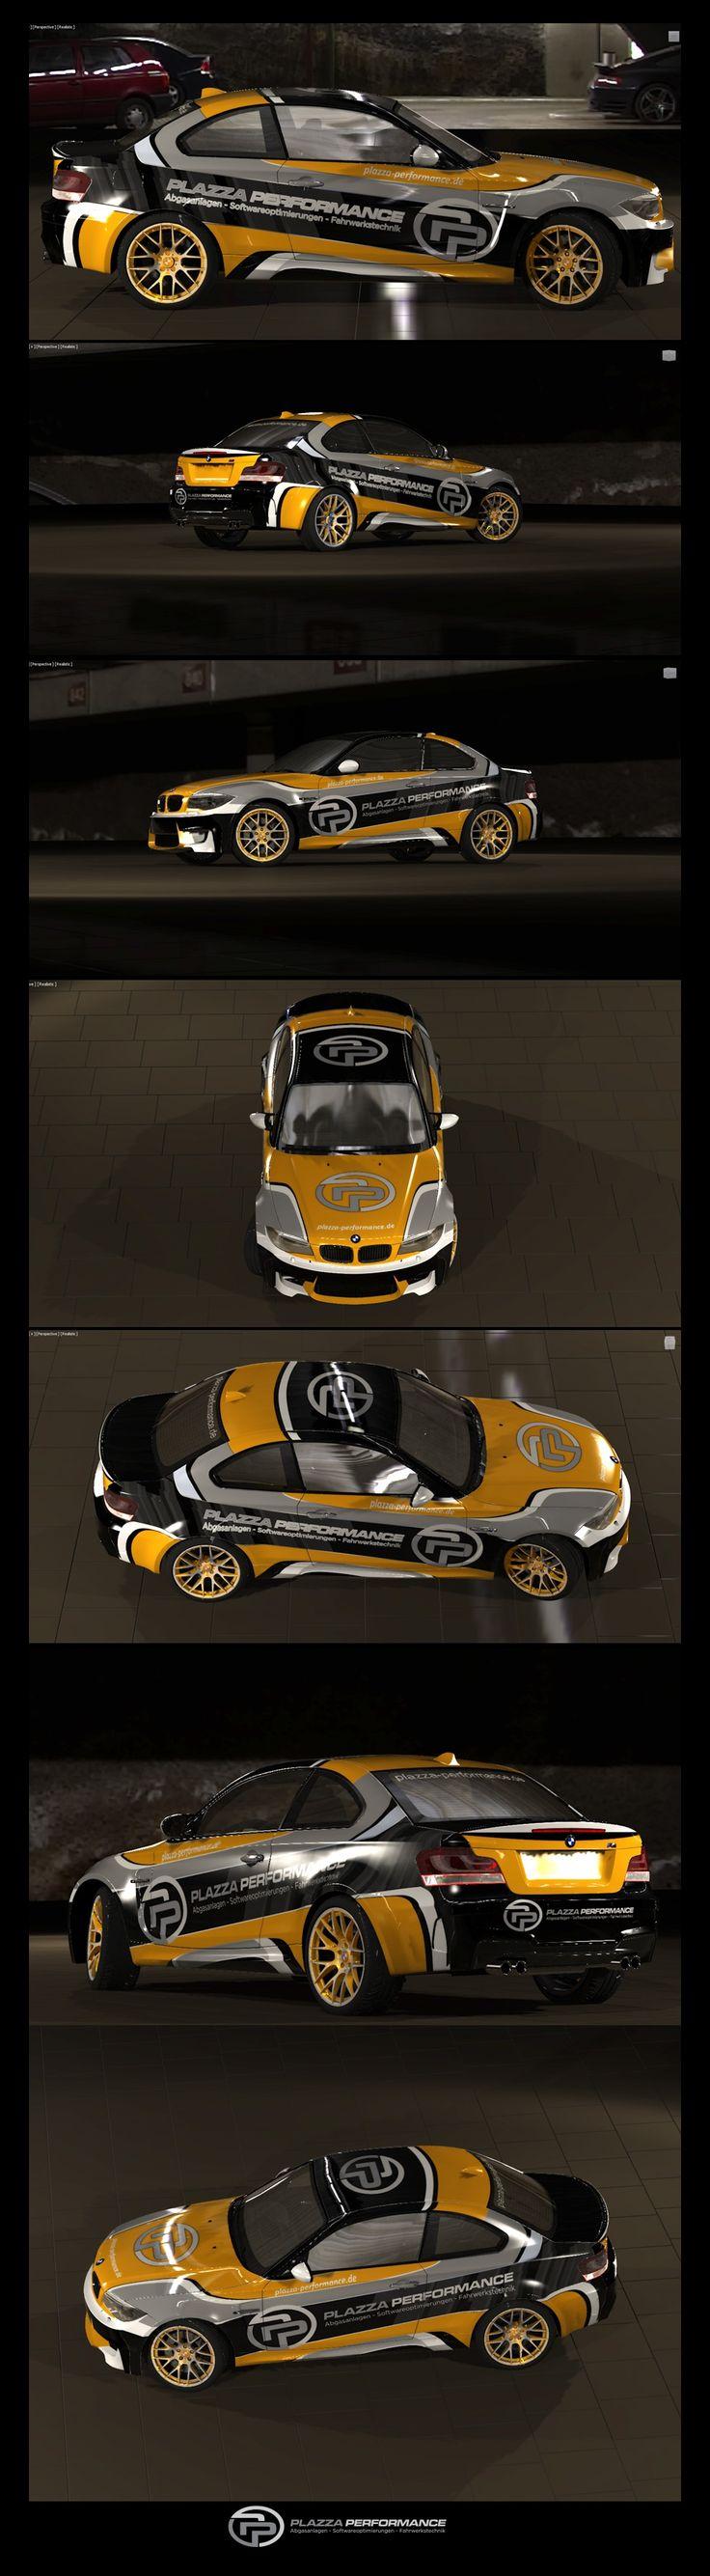 Car stickers design in coimbatore - Ontwerp 81 Door Levmans Erstellt Ein Cooles Design F R Plazza Performance Car Stickersvehicle